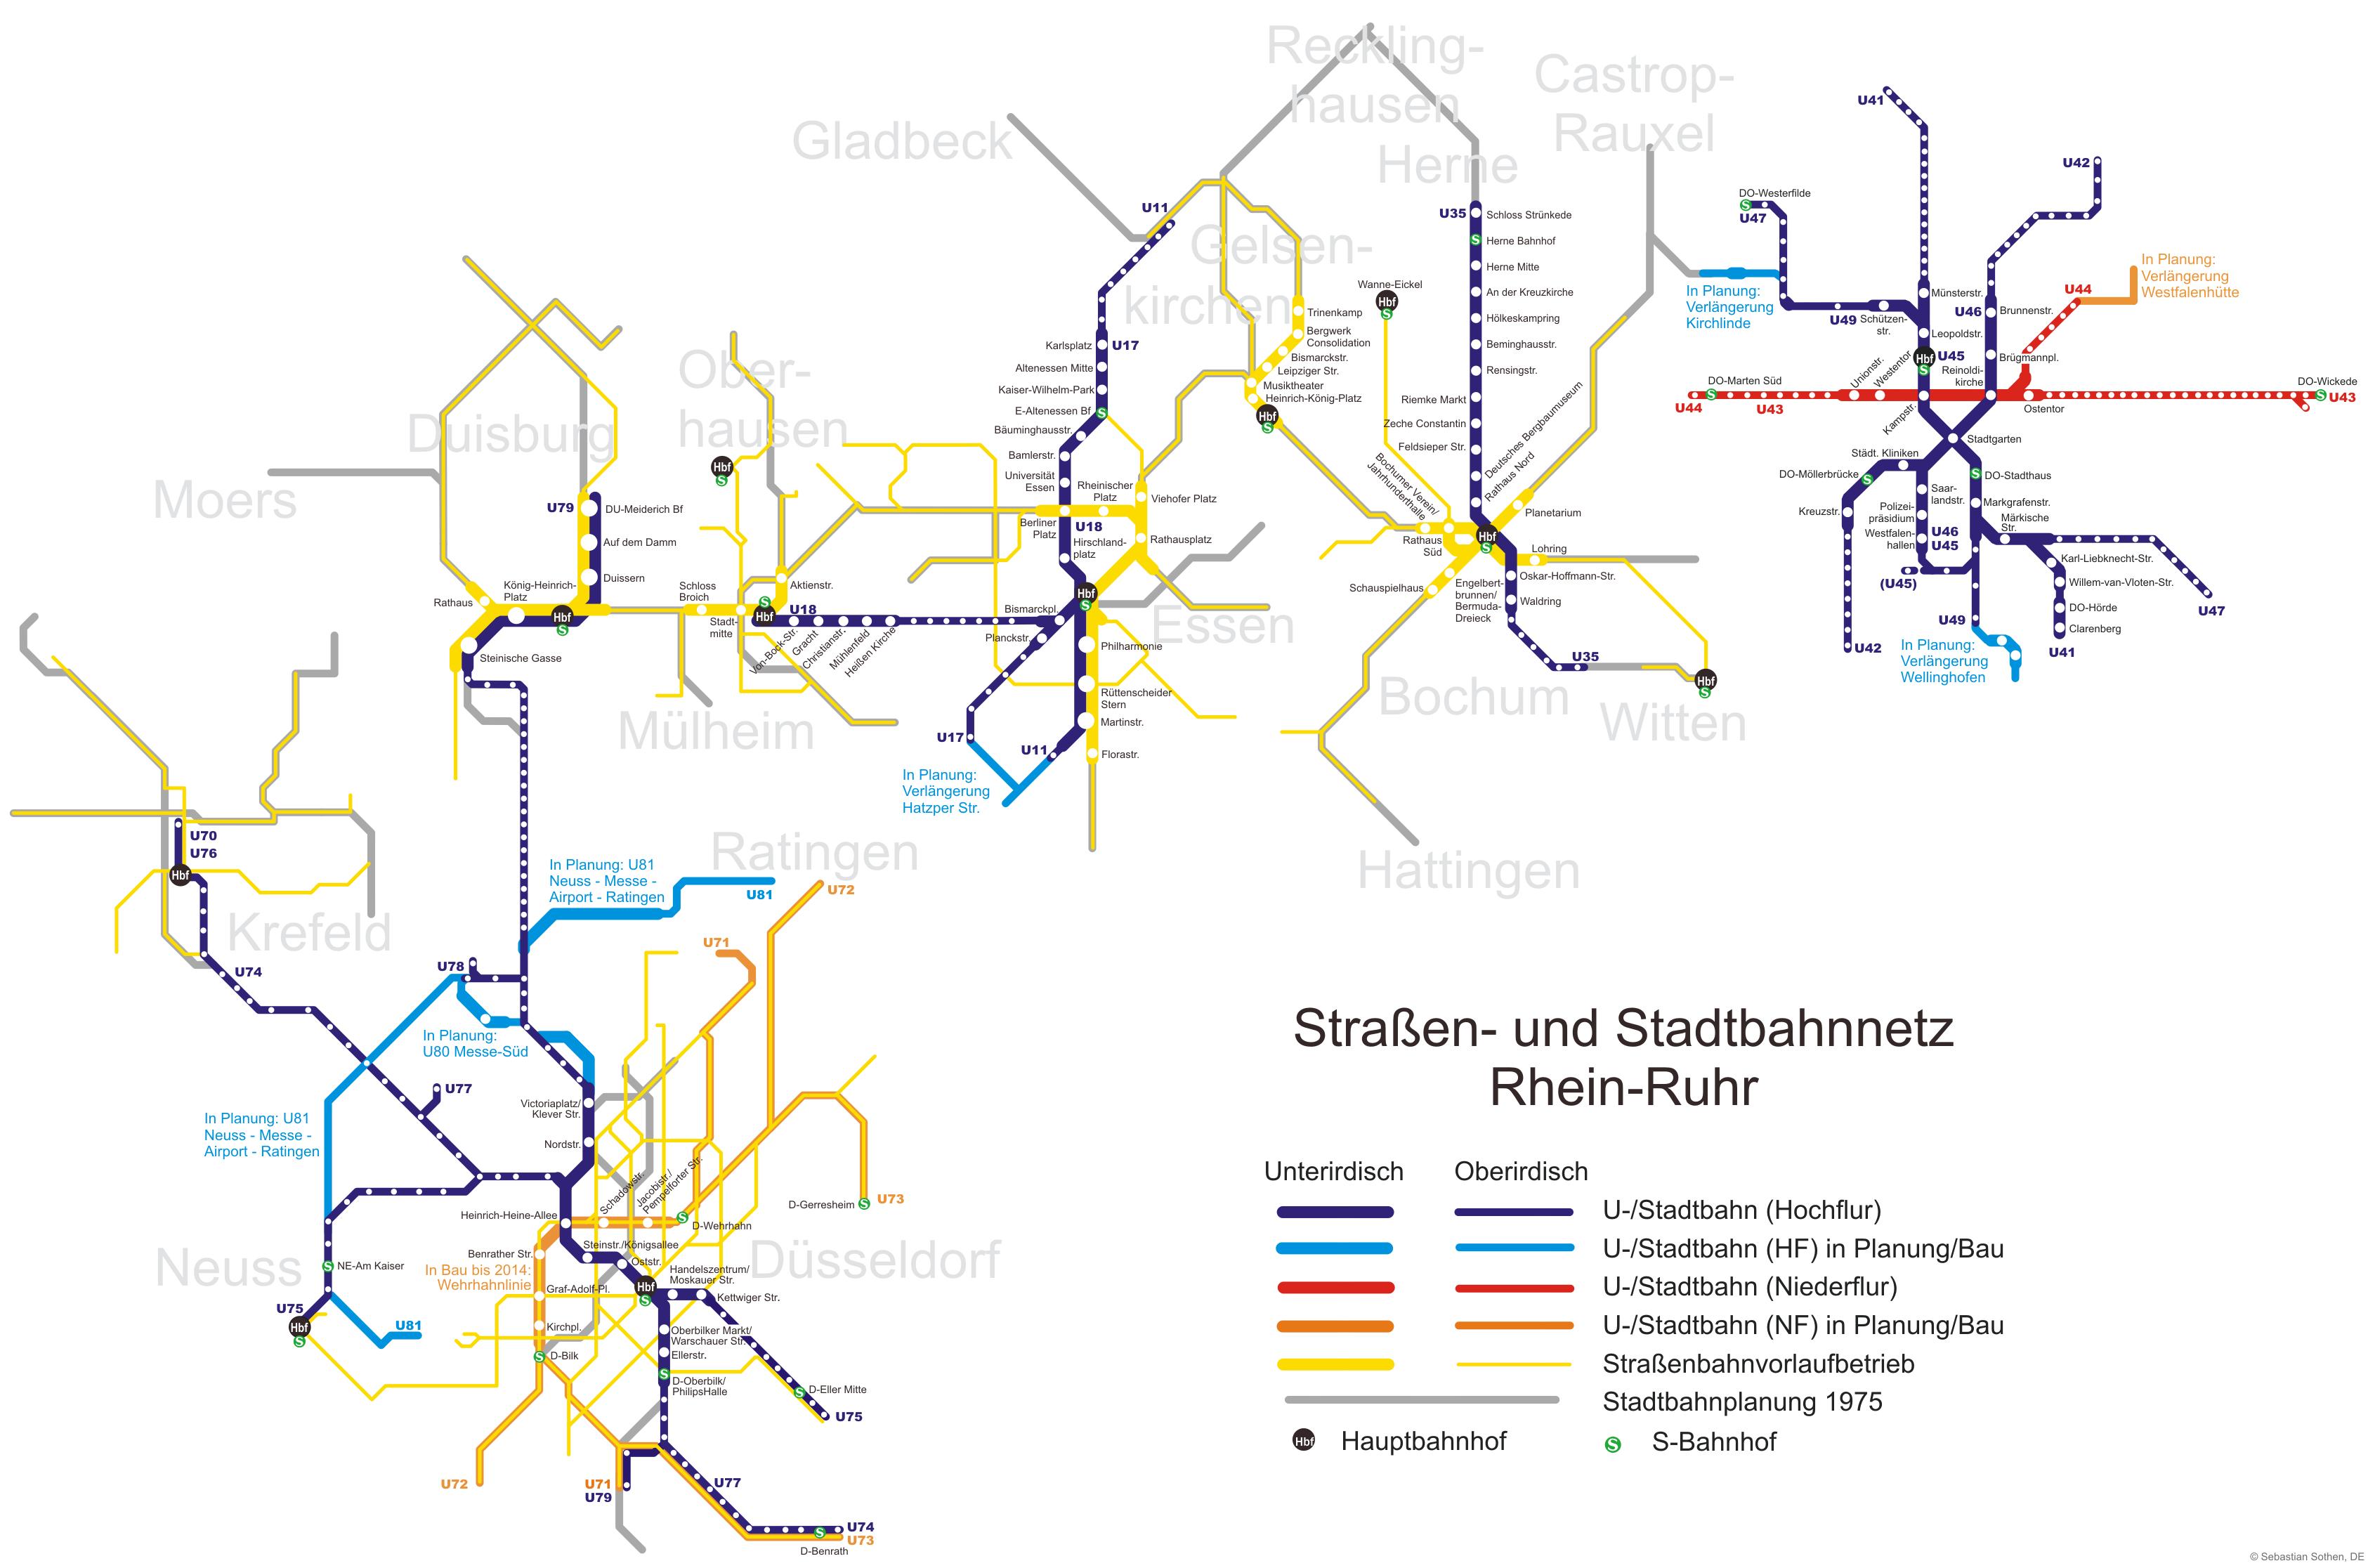 StadtbahnRR.png